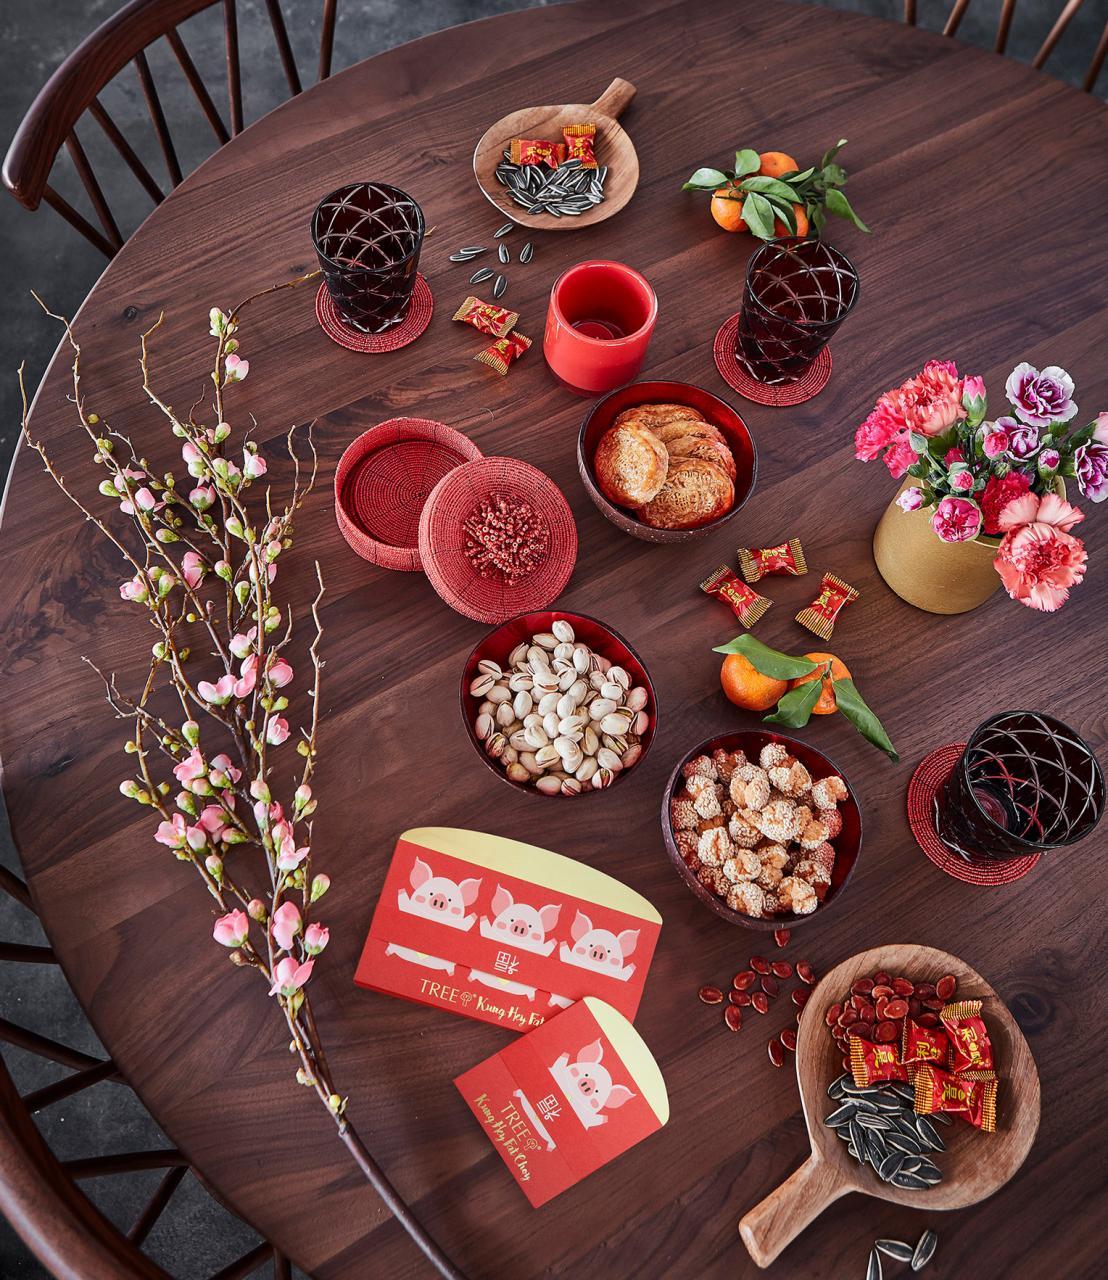 古典風的圓形餐桌